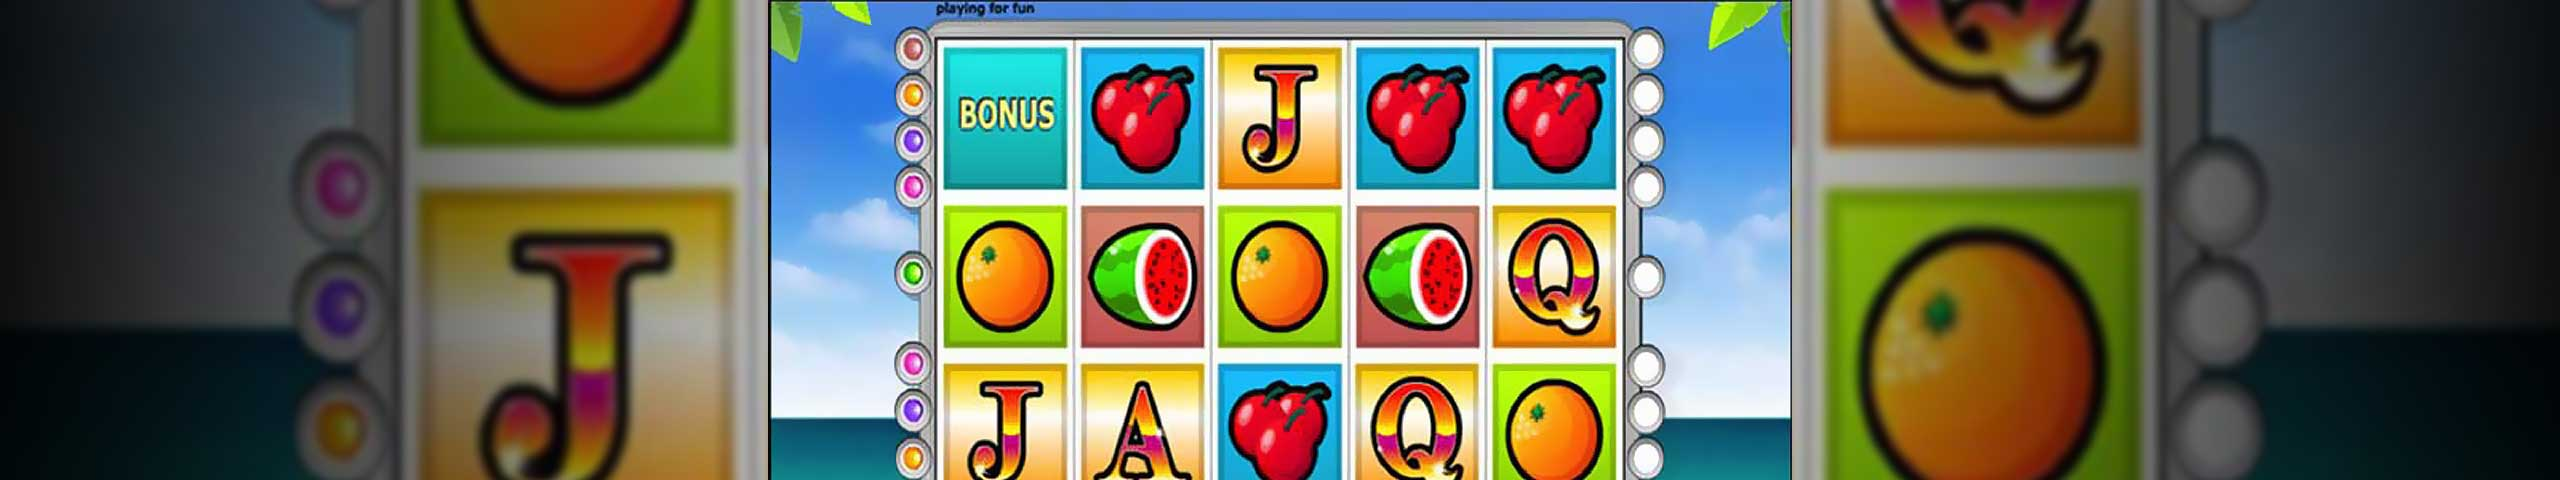 Norske spilleautomater Paradise Reels, Cryptologic Slider - Himmelspill.com